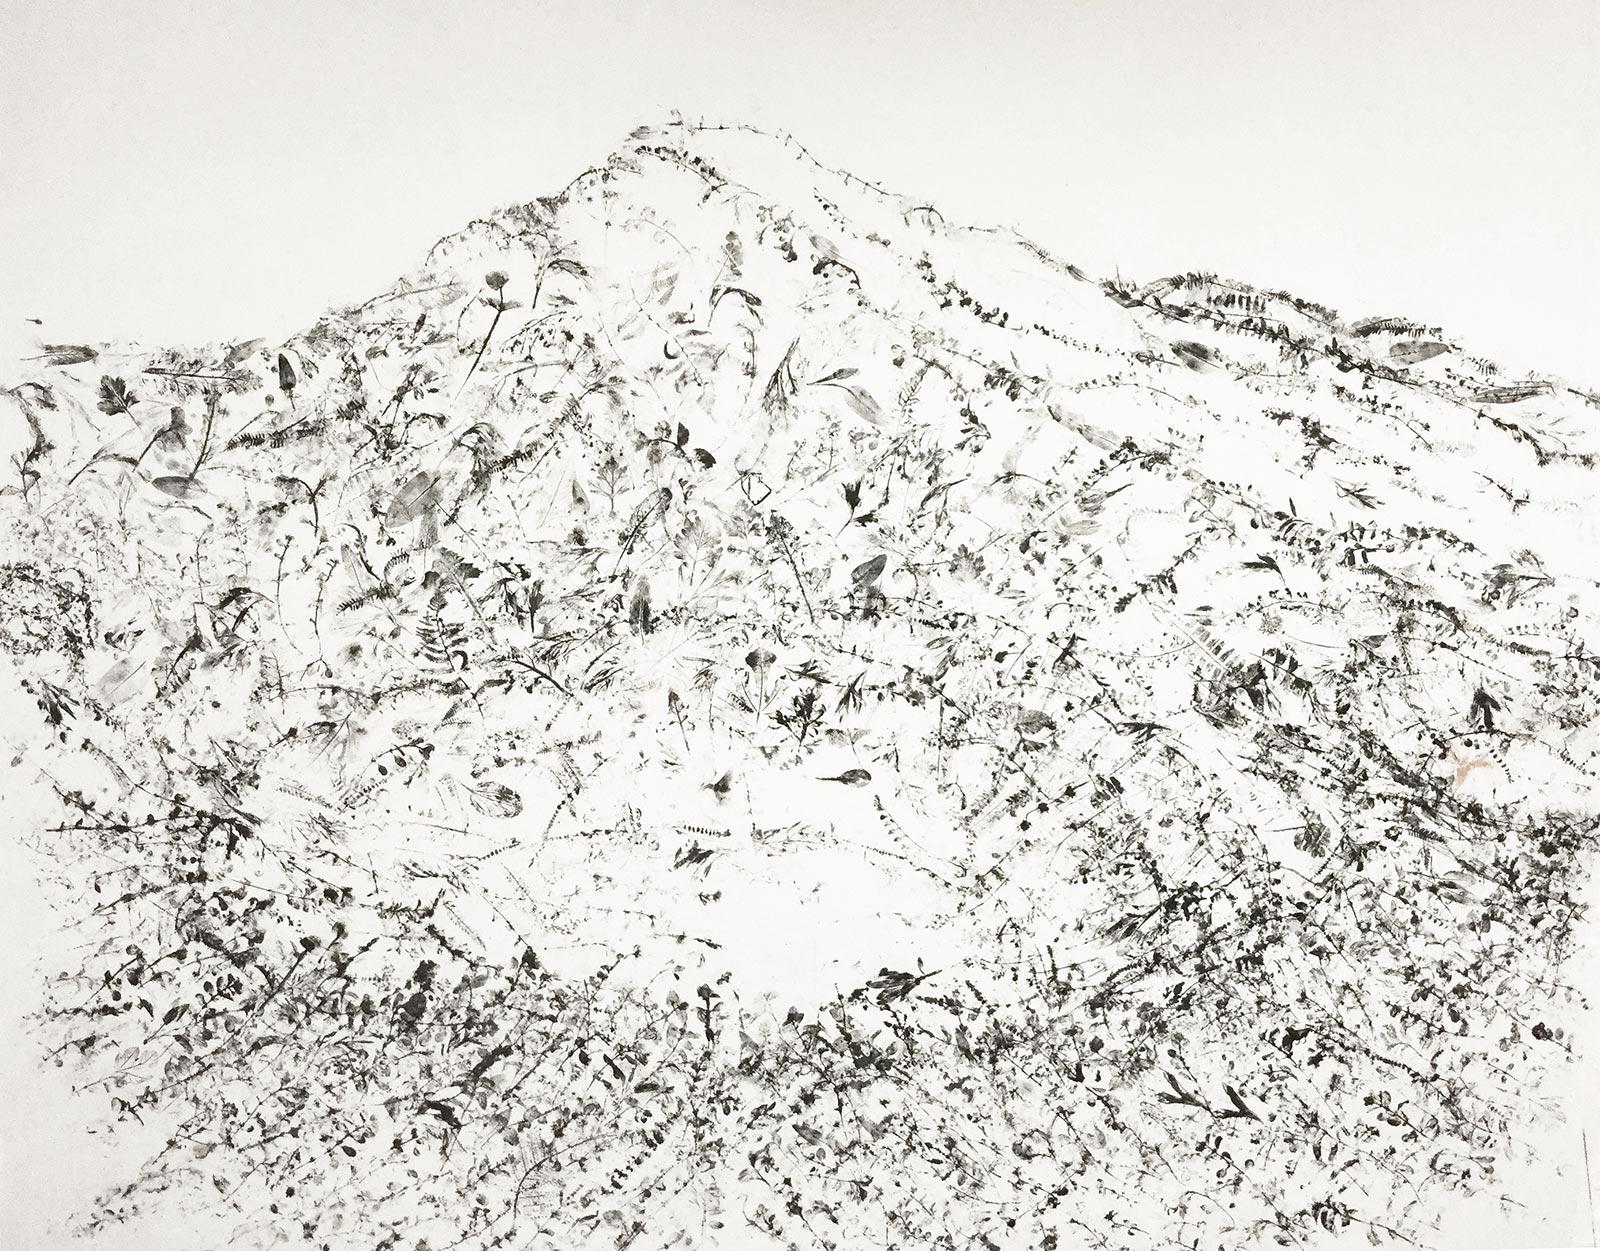 Caterina Sbrana, Erbario Paesaggio-Apuane, 2015, erbario a impressione inchiostro su carta intelata, inchiostro fatto a mano, cm 170x170, collezione privata